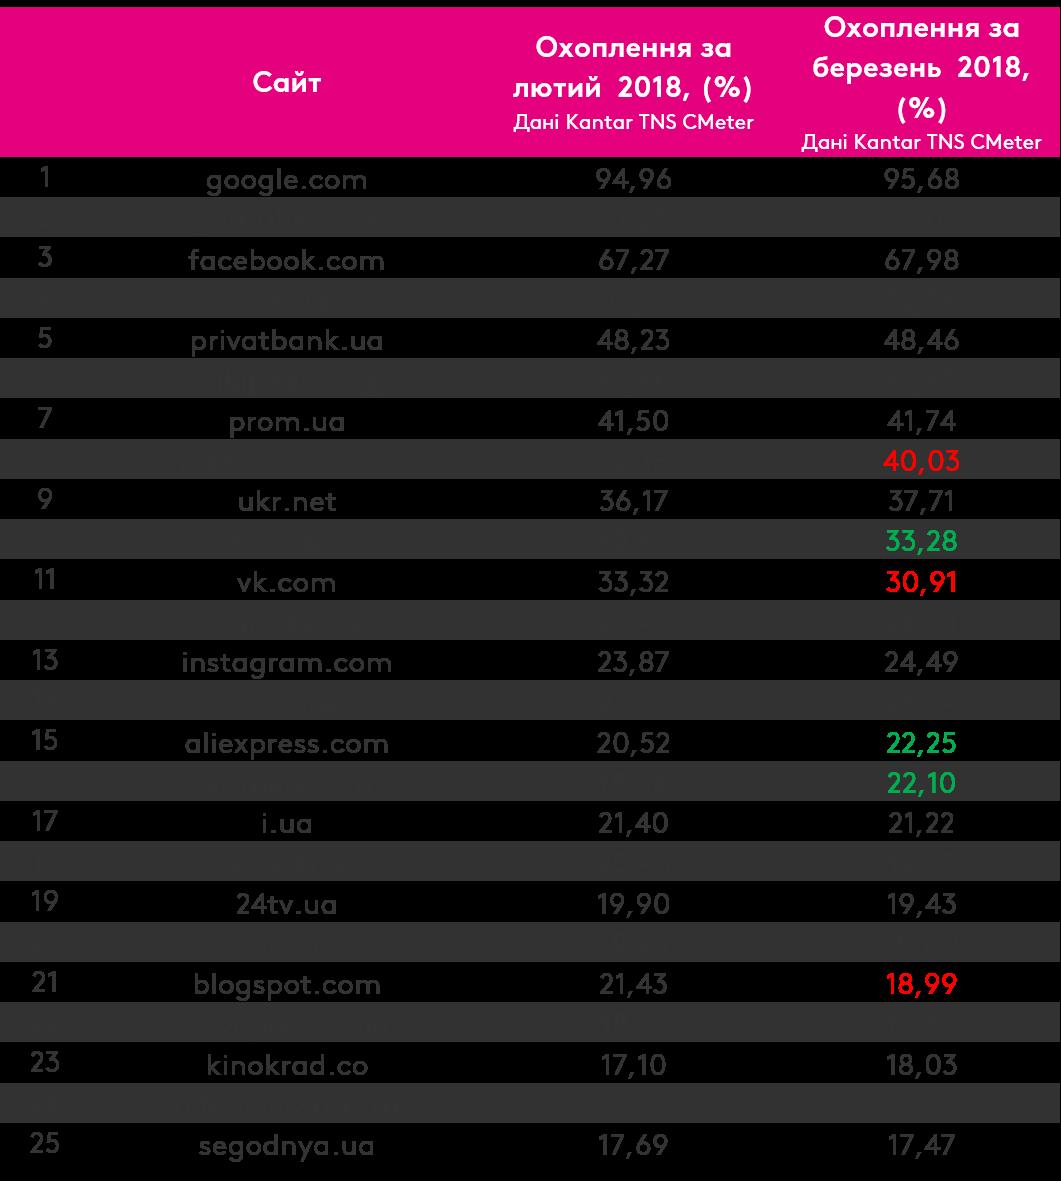 Найпопулярнішим сайтом серед українців став Google, – дані Kantar TNS